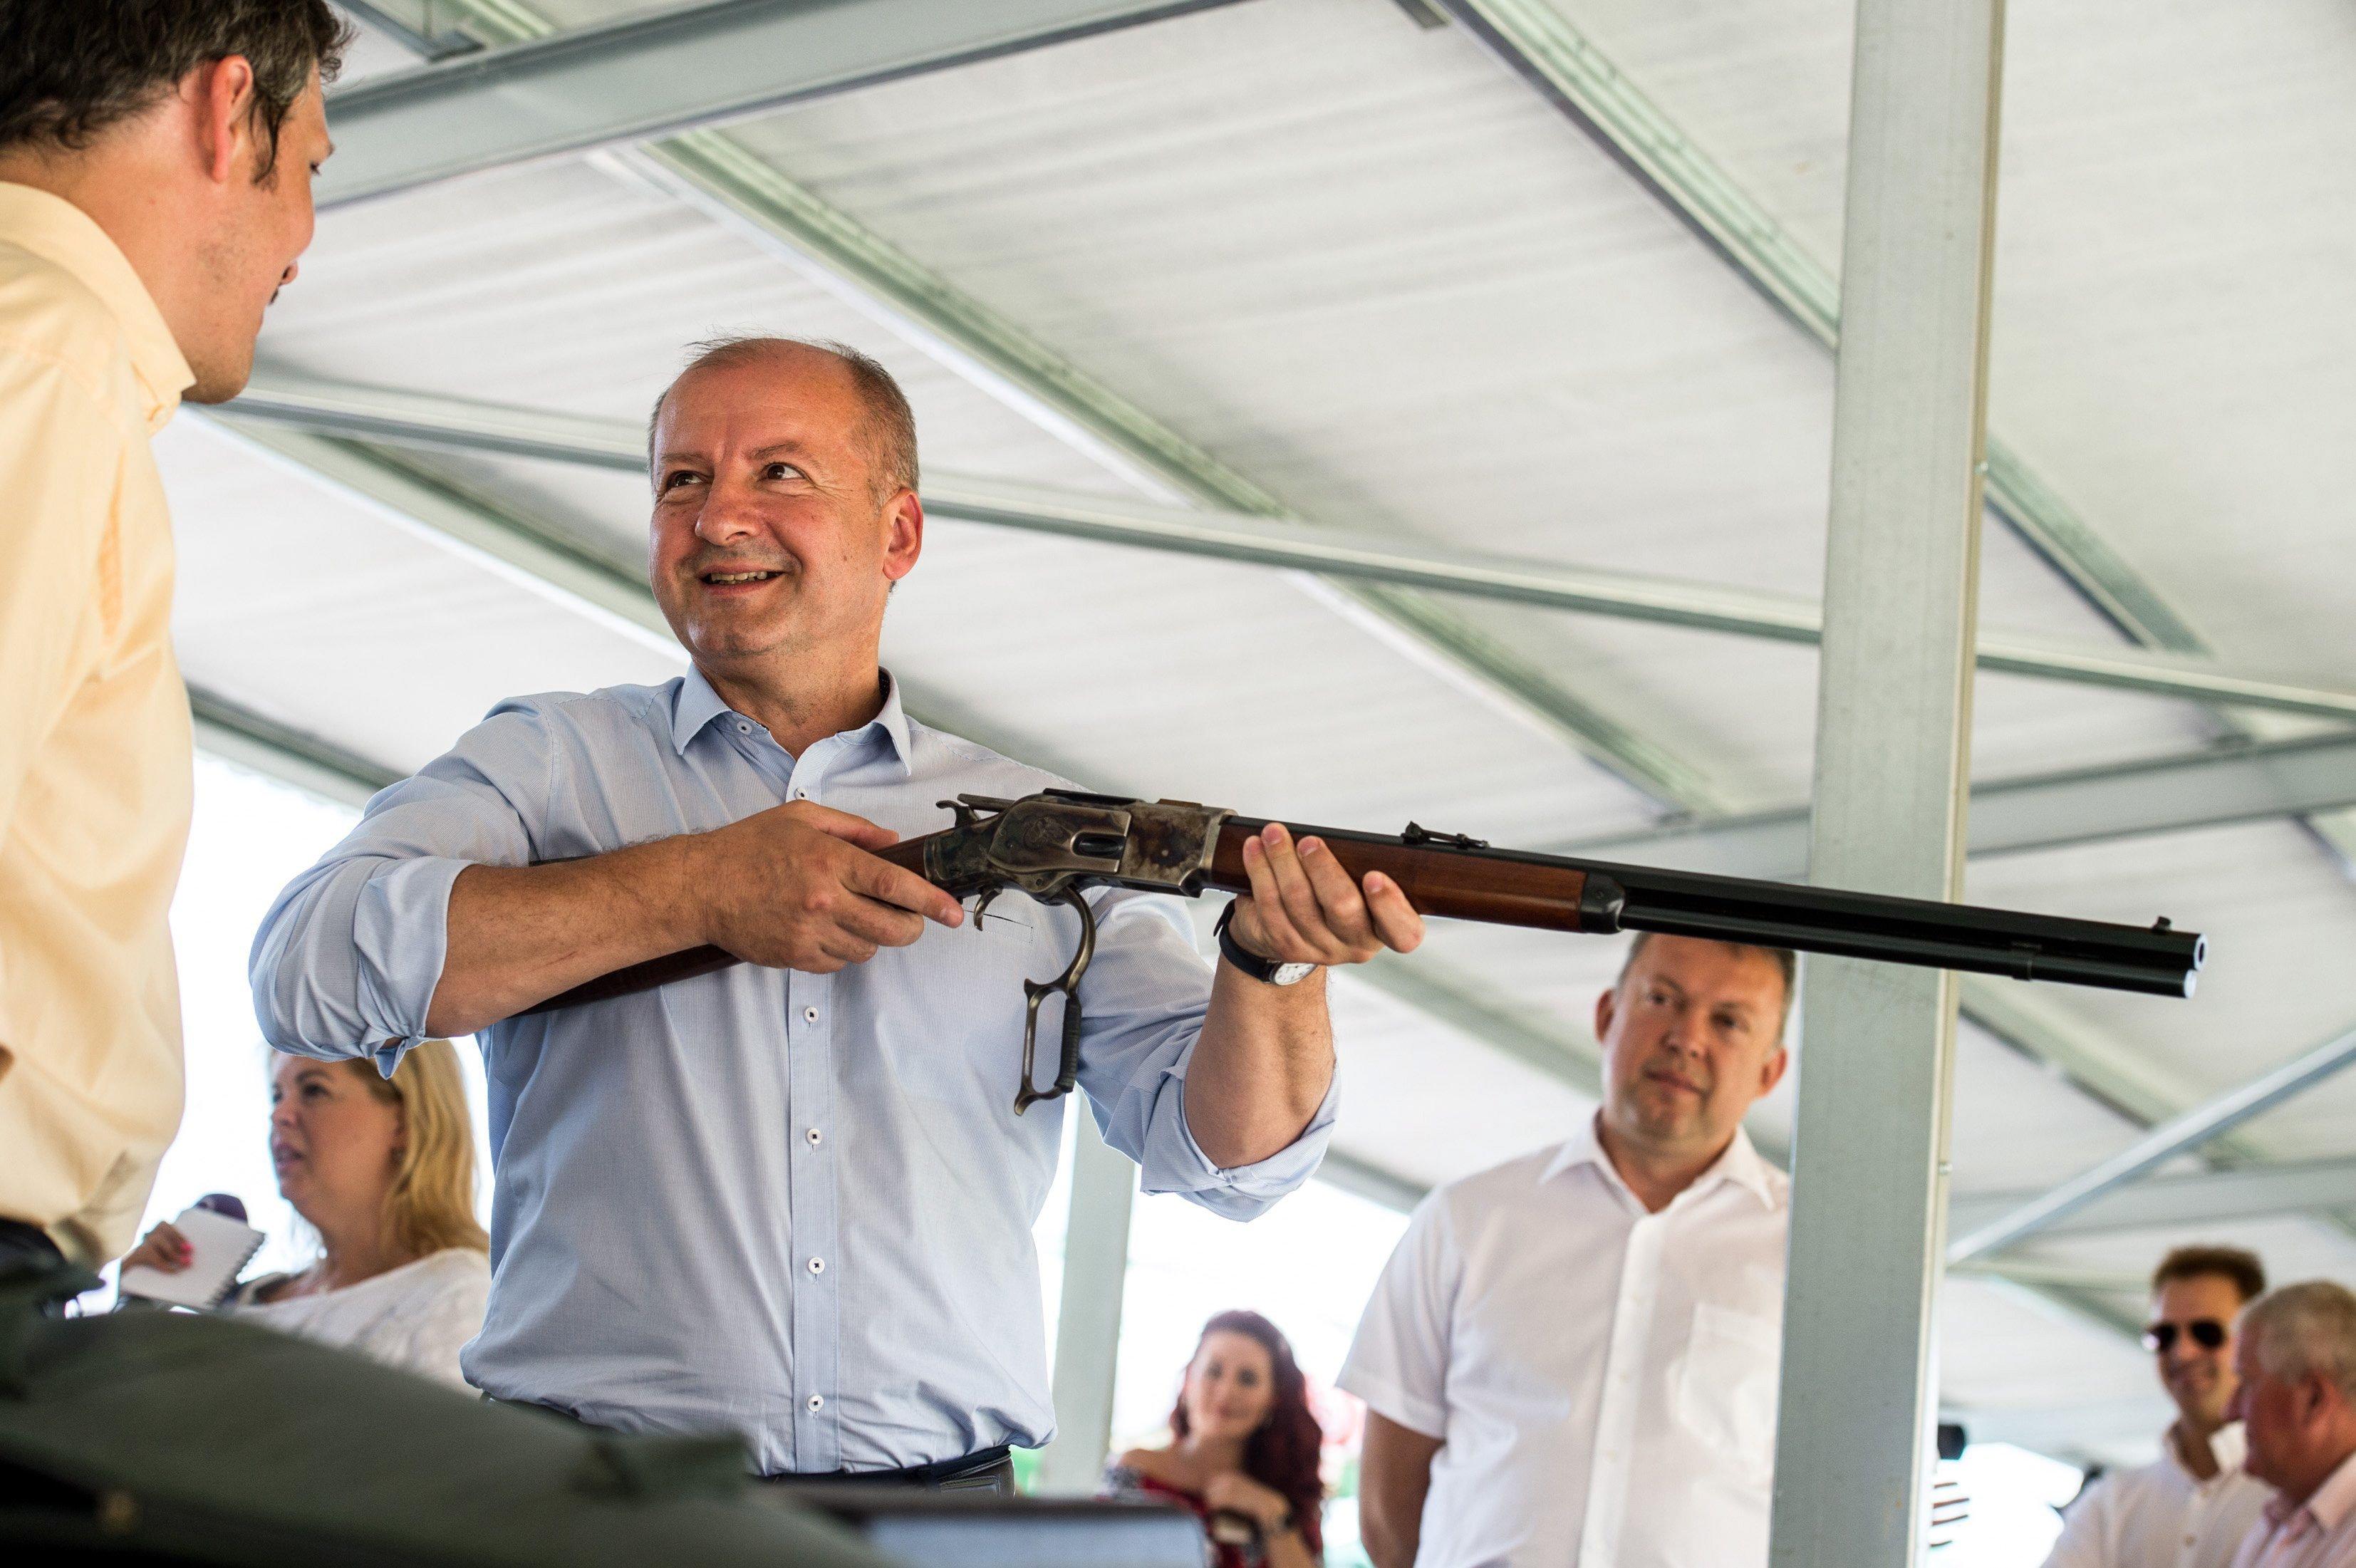 Nemzetgazdasági szempontból kiemelt jelentőségű ügy lett a lőtérprogram